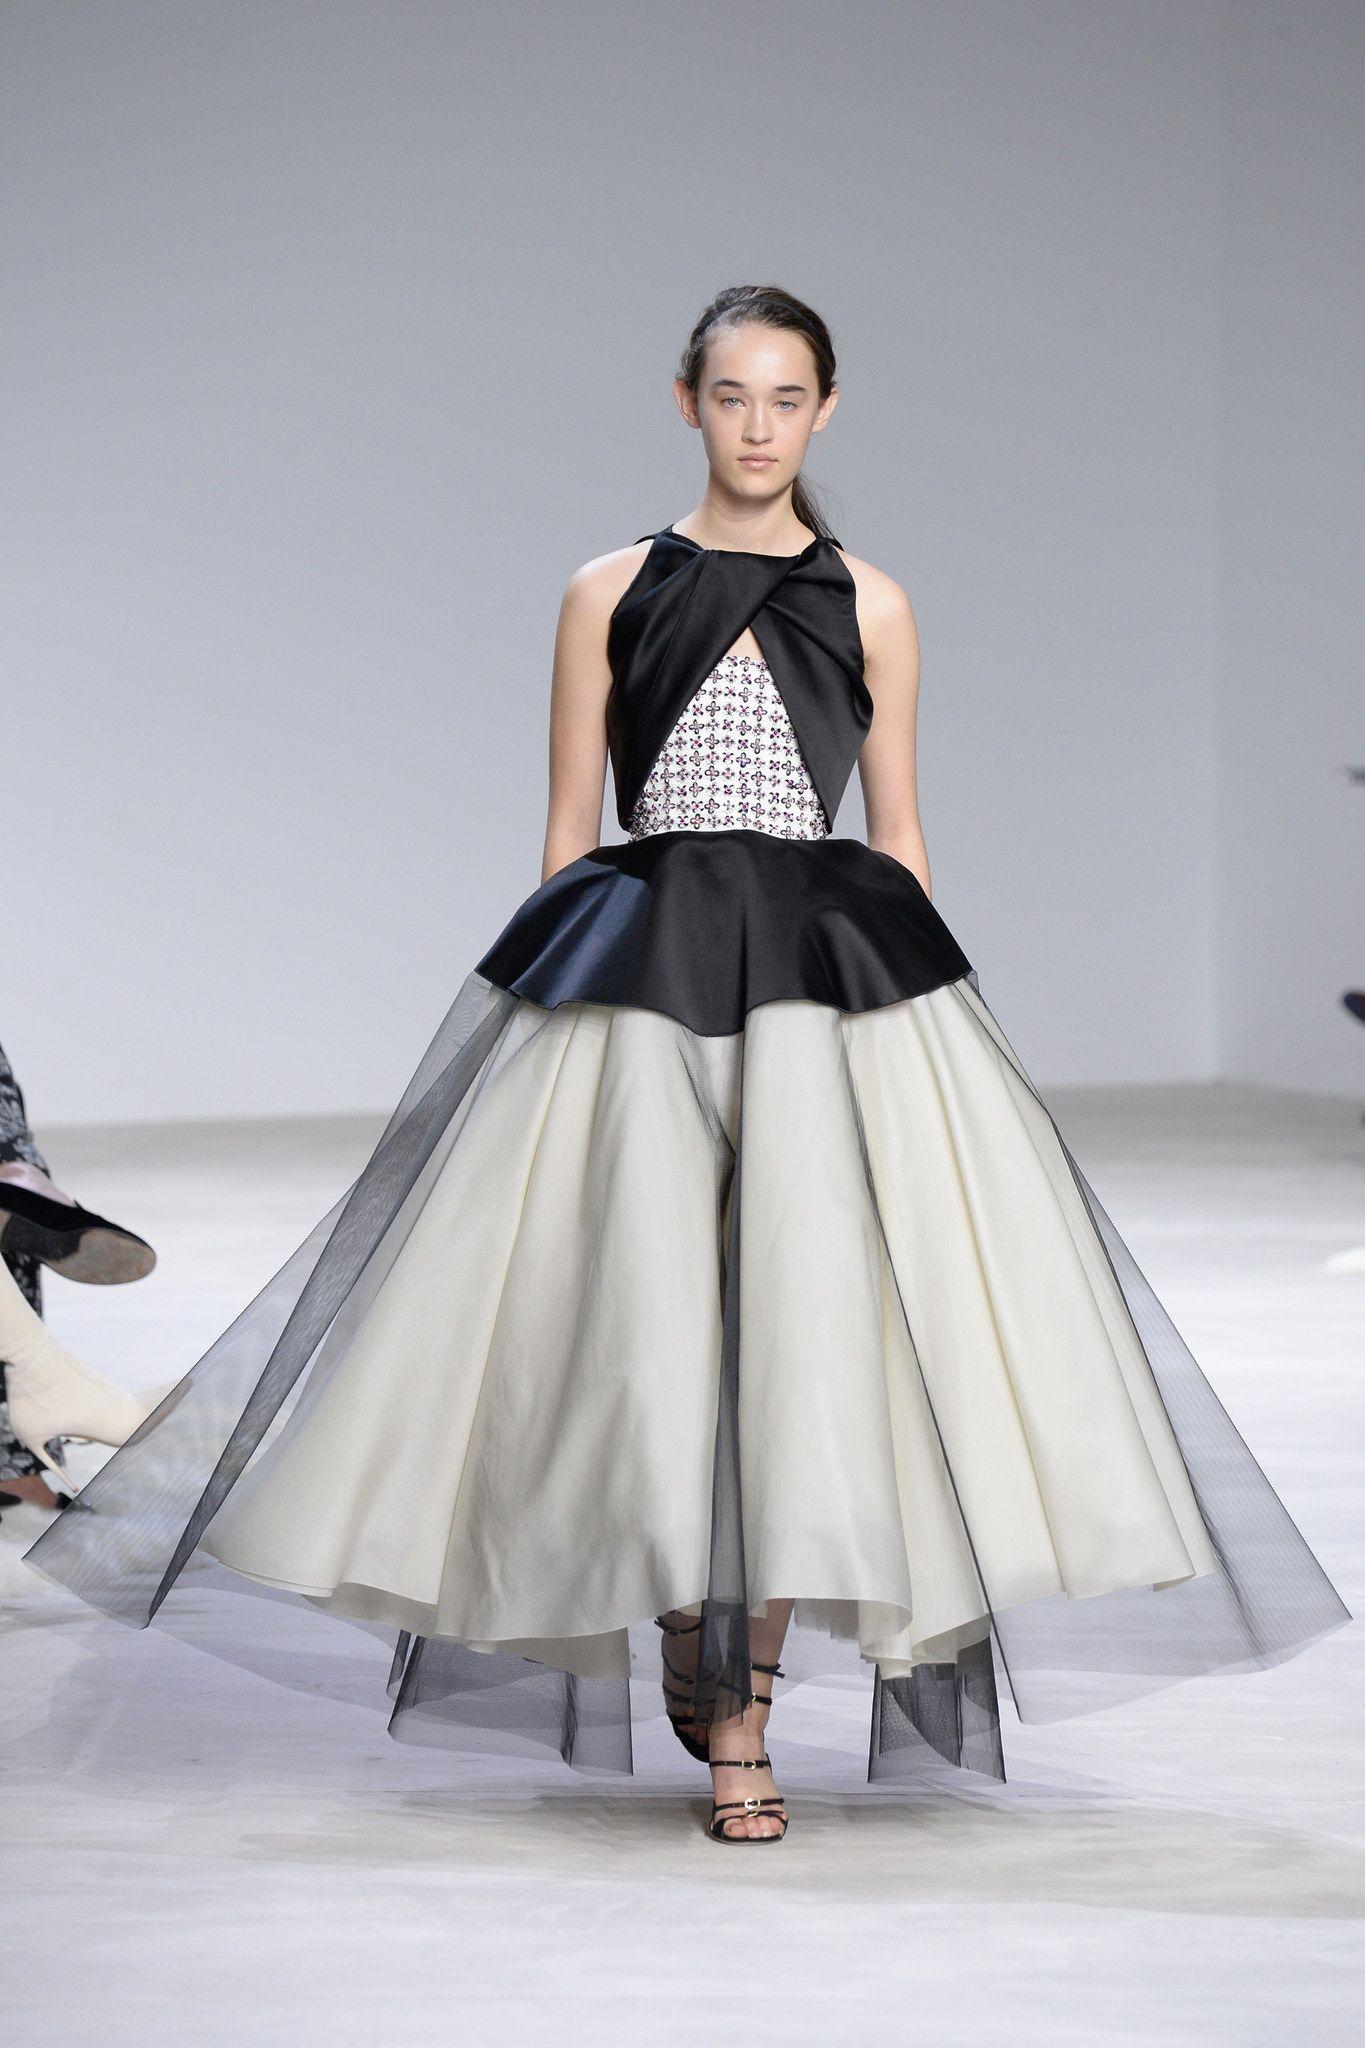 Allison williams wedding dress  Giambattista Valli Spring  Couture Fashion Show  Giambattista